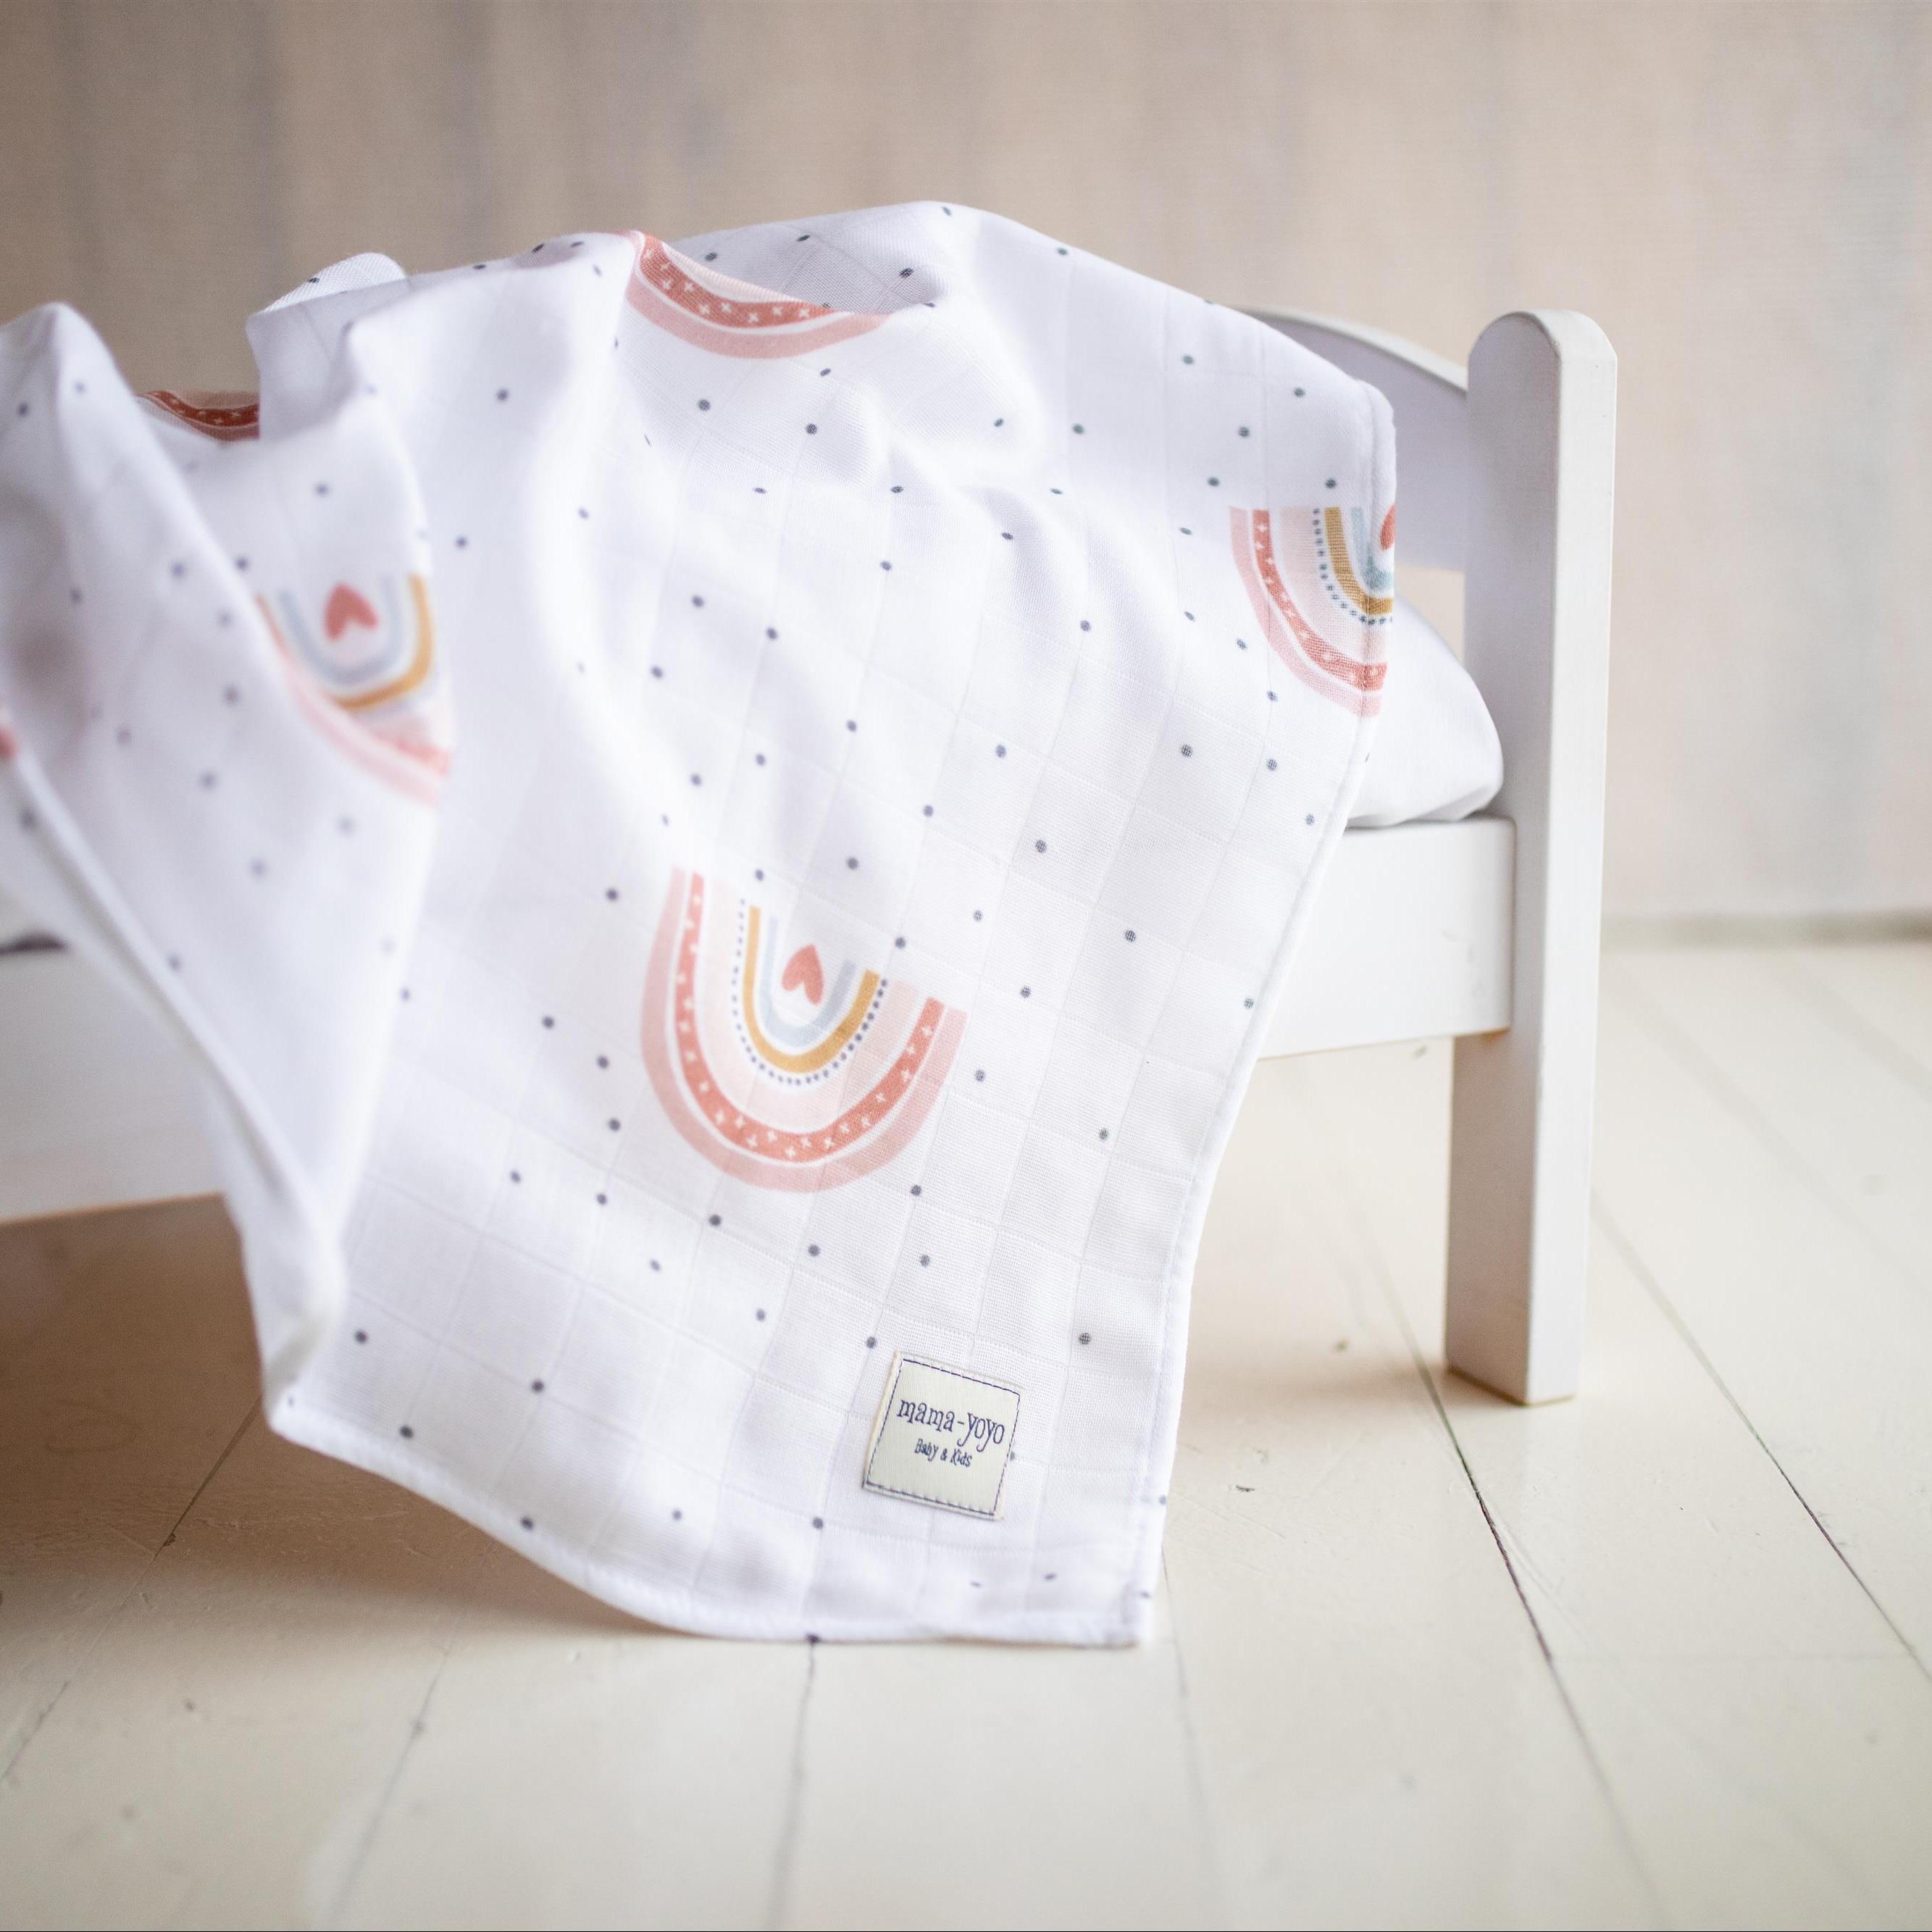 100x100cm organico cobertor de musselina 100 algodao bebe macio recem nascido cobertor toalha de banho bebe